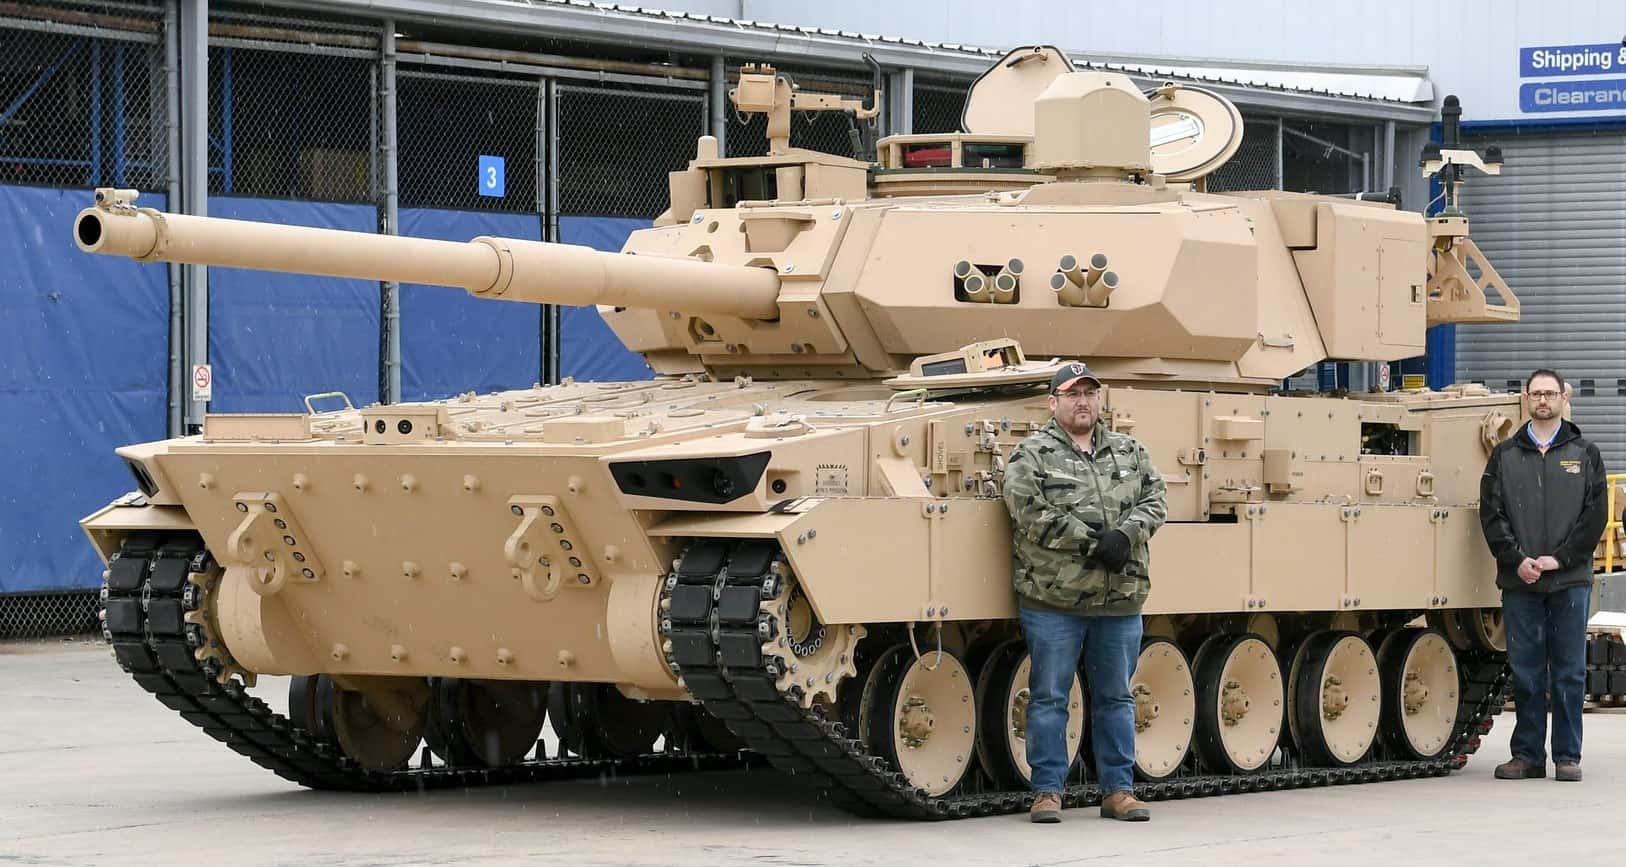 Для армії США готують легкі танки. Фото: Машина від General Dynamics на шасі AJAX